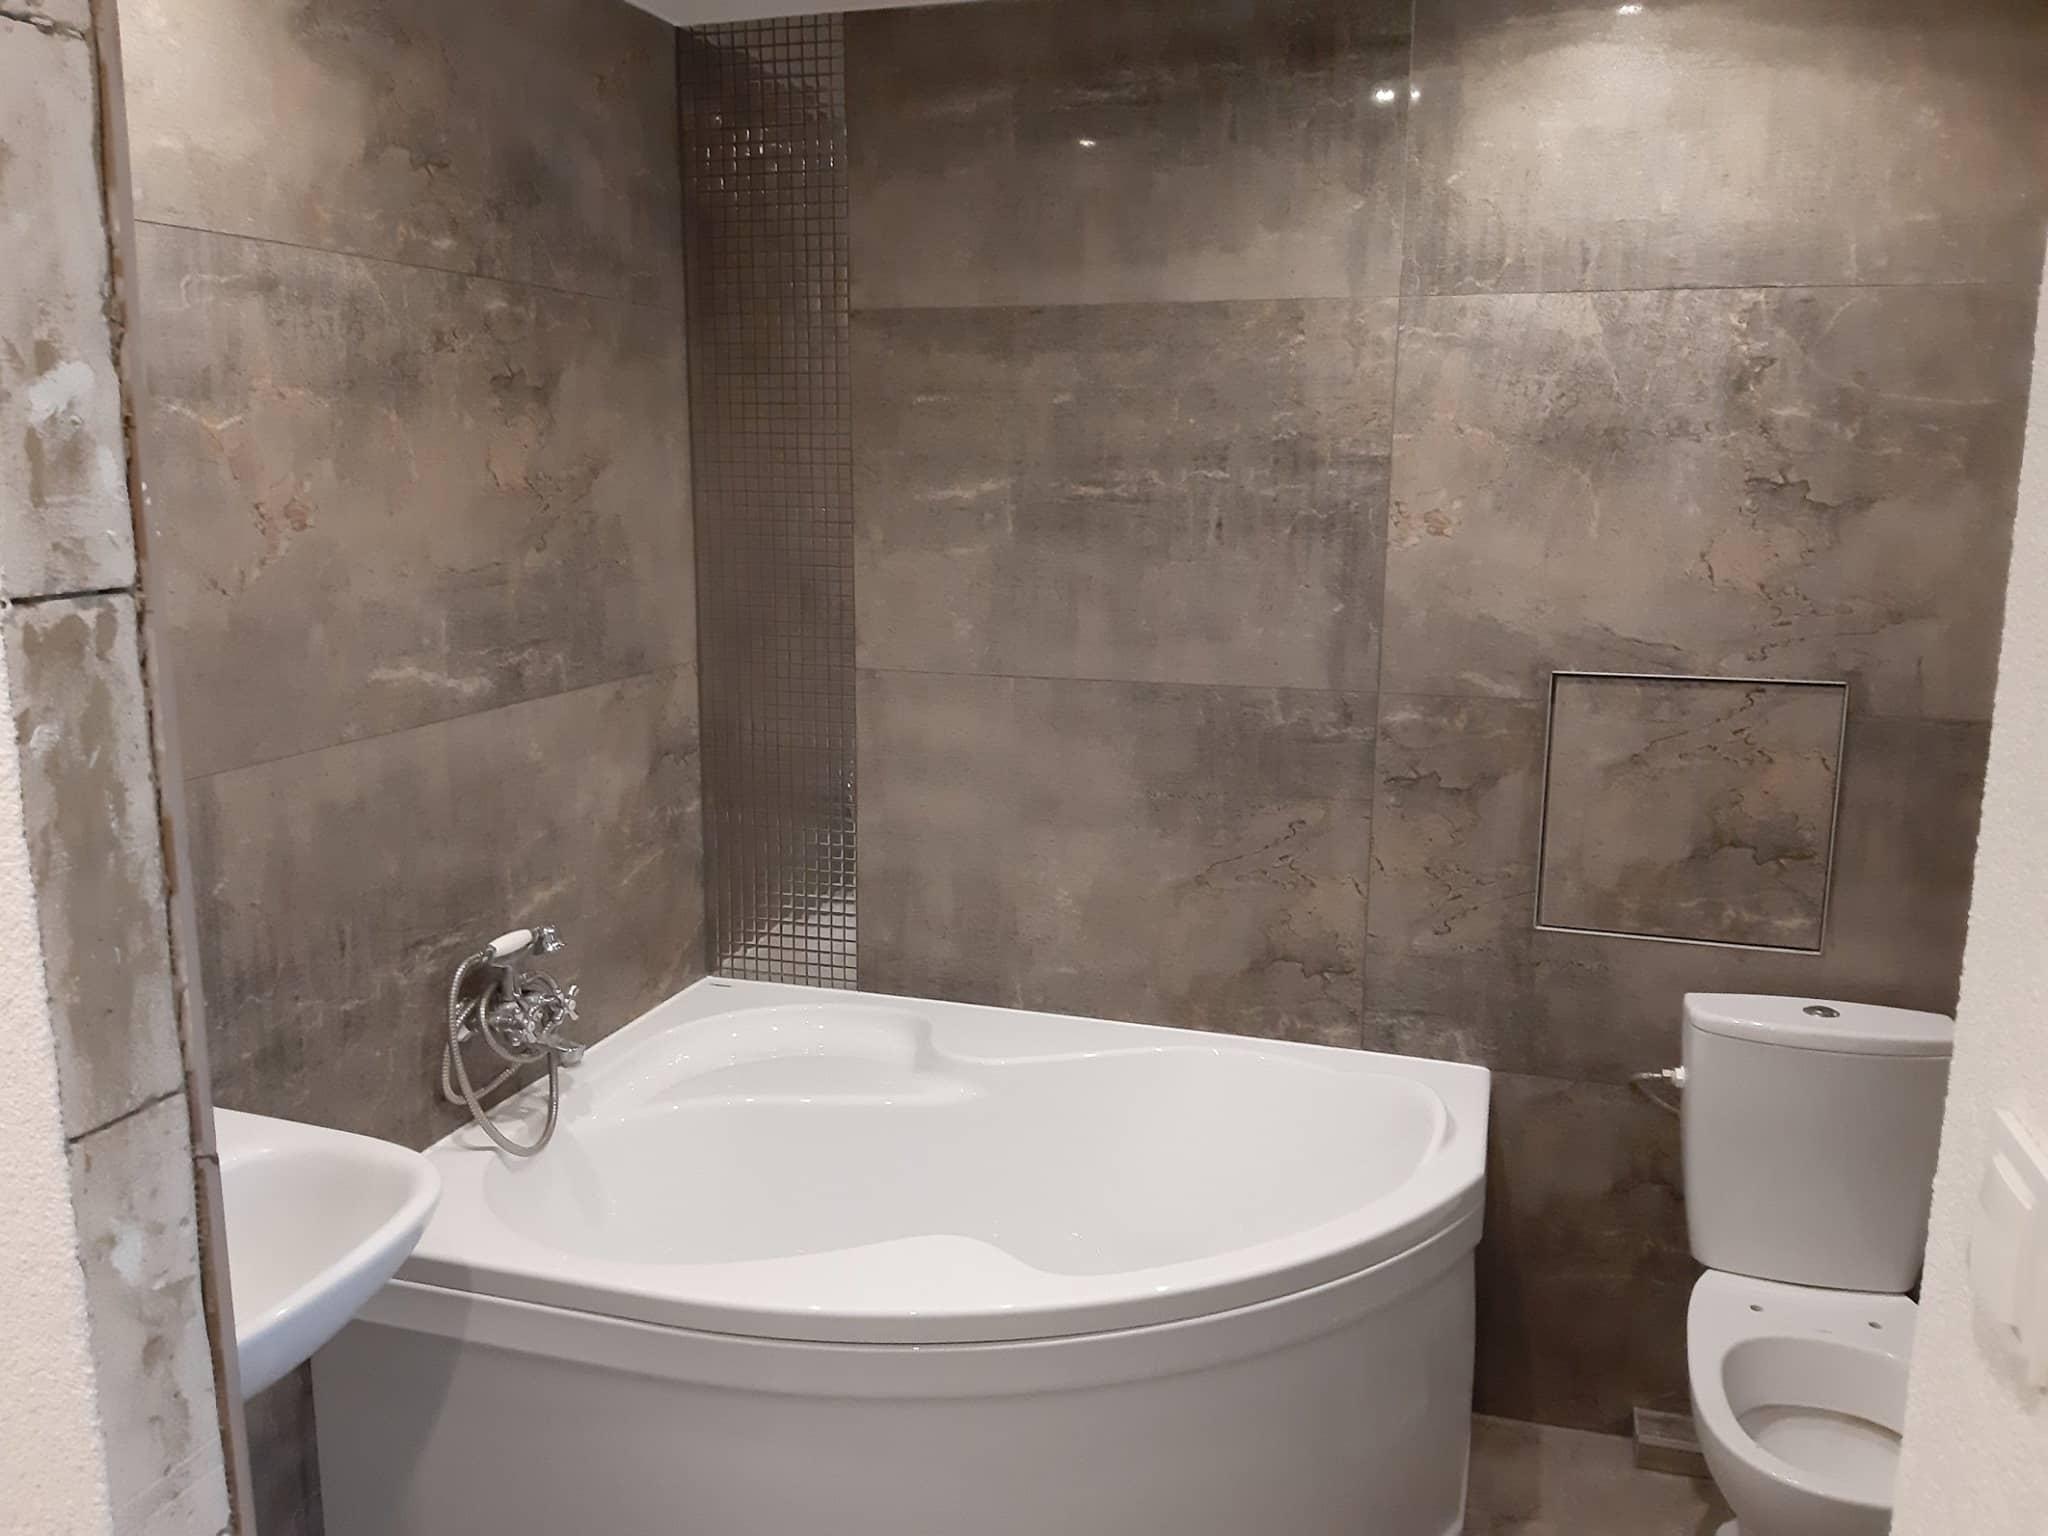 Reformas integrales de viviendas Barcelona azulejos suelo y paredes de baño